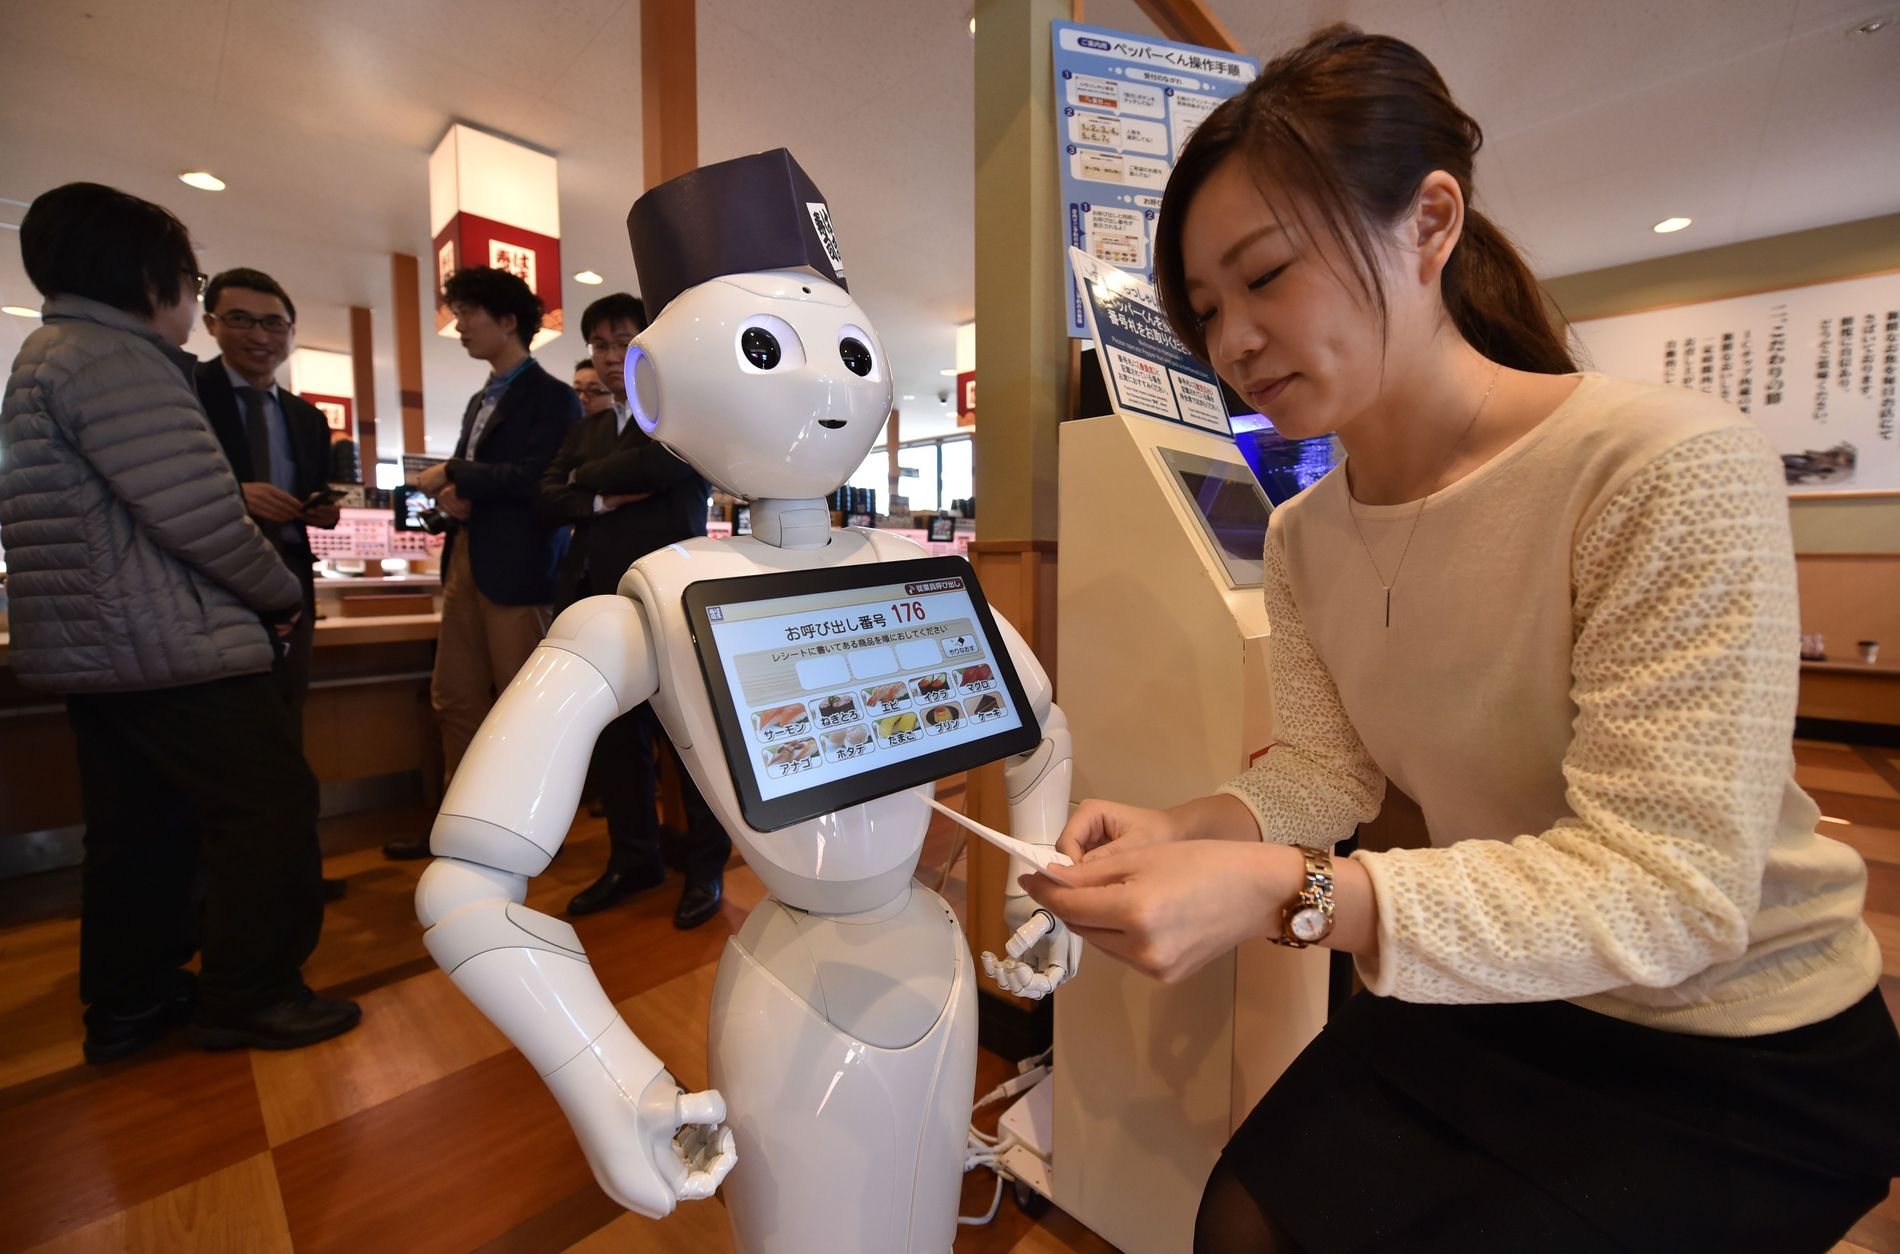 BESTILL MAT: Kanskje bestiller du et av dine måltider direkte fra Roboten «Pepper» om ikke så altfor lenge? Teknologien (og Pepper) er her allerede.